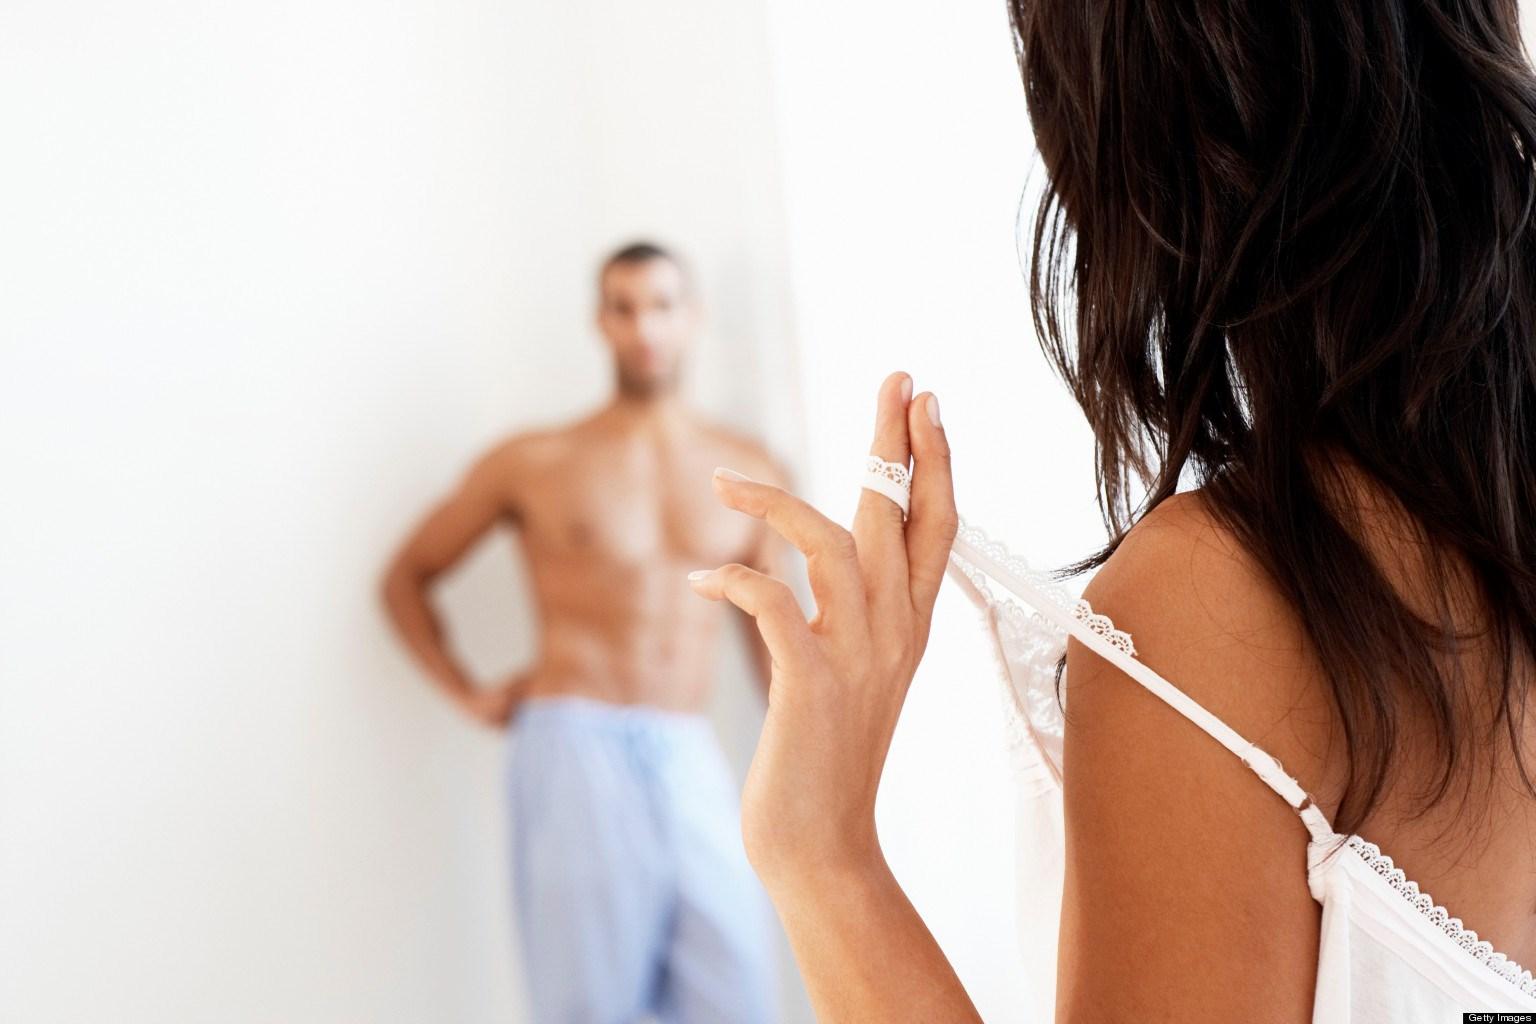 как понизить уровень сексуальности у мужчин пыталась сопротивляться